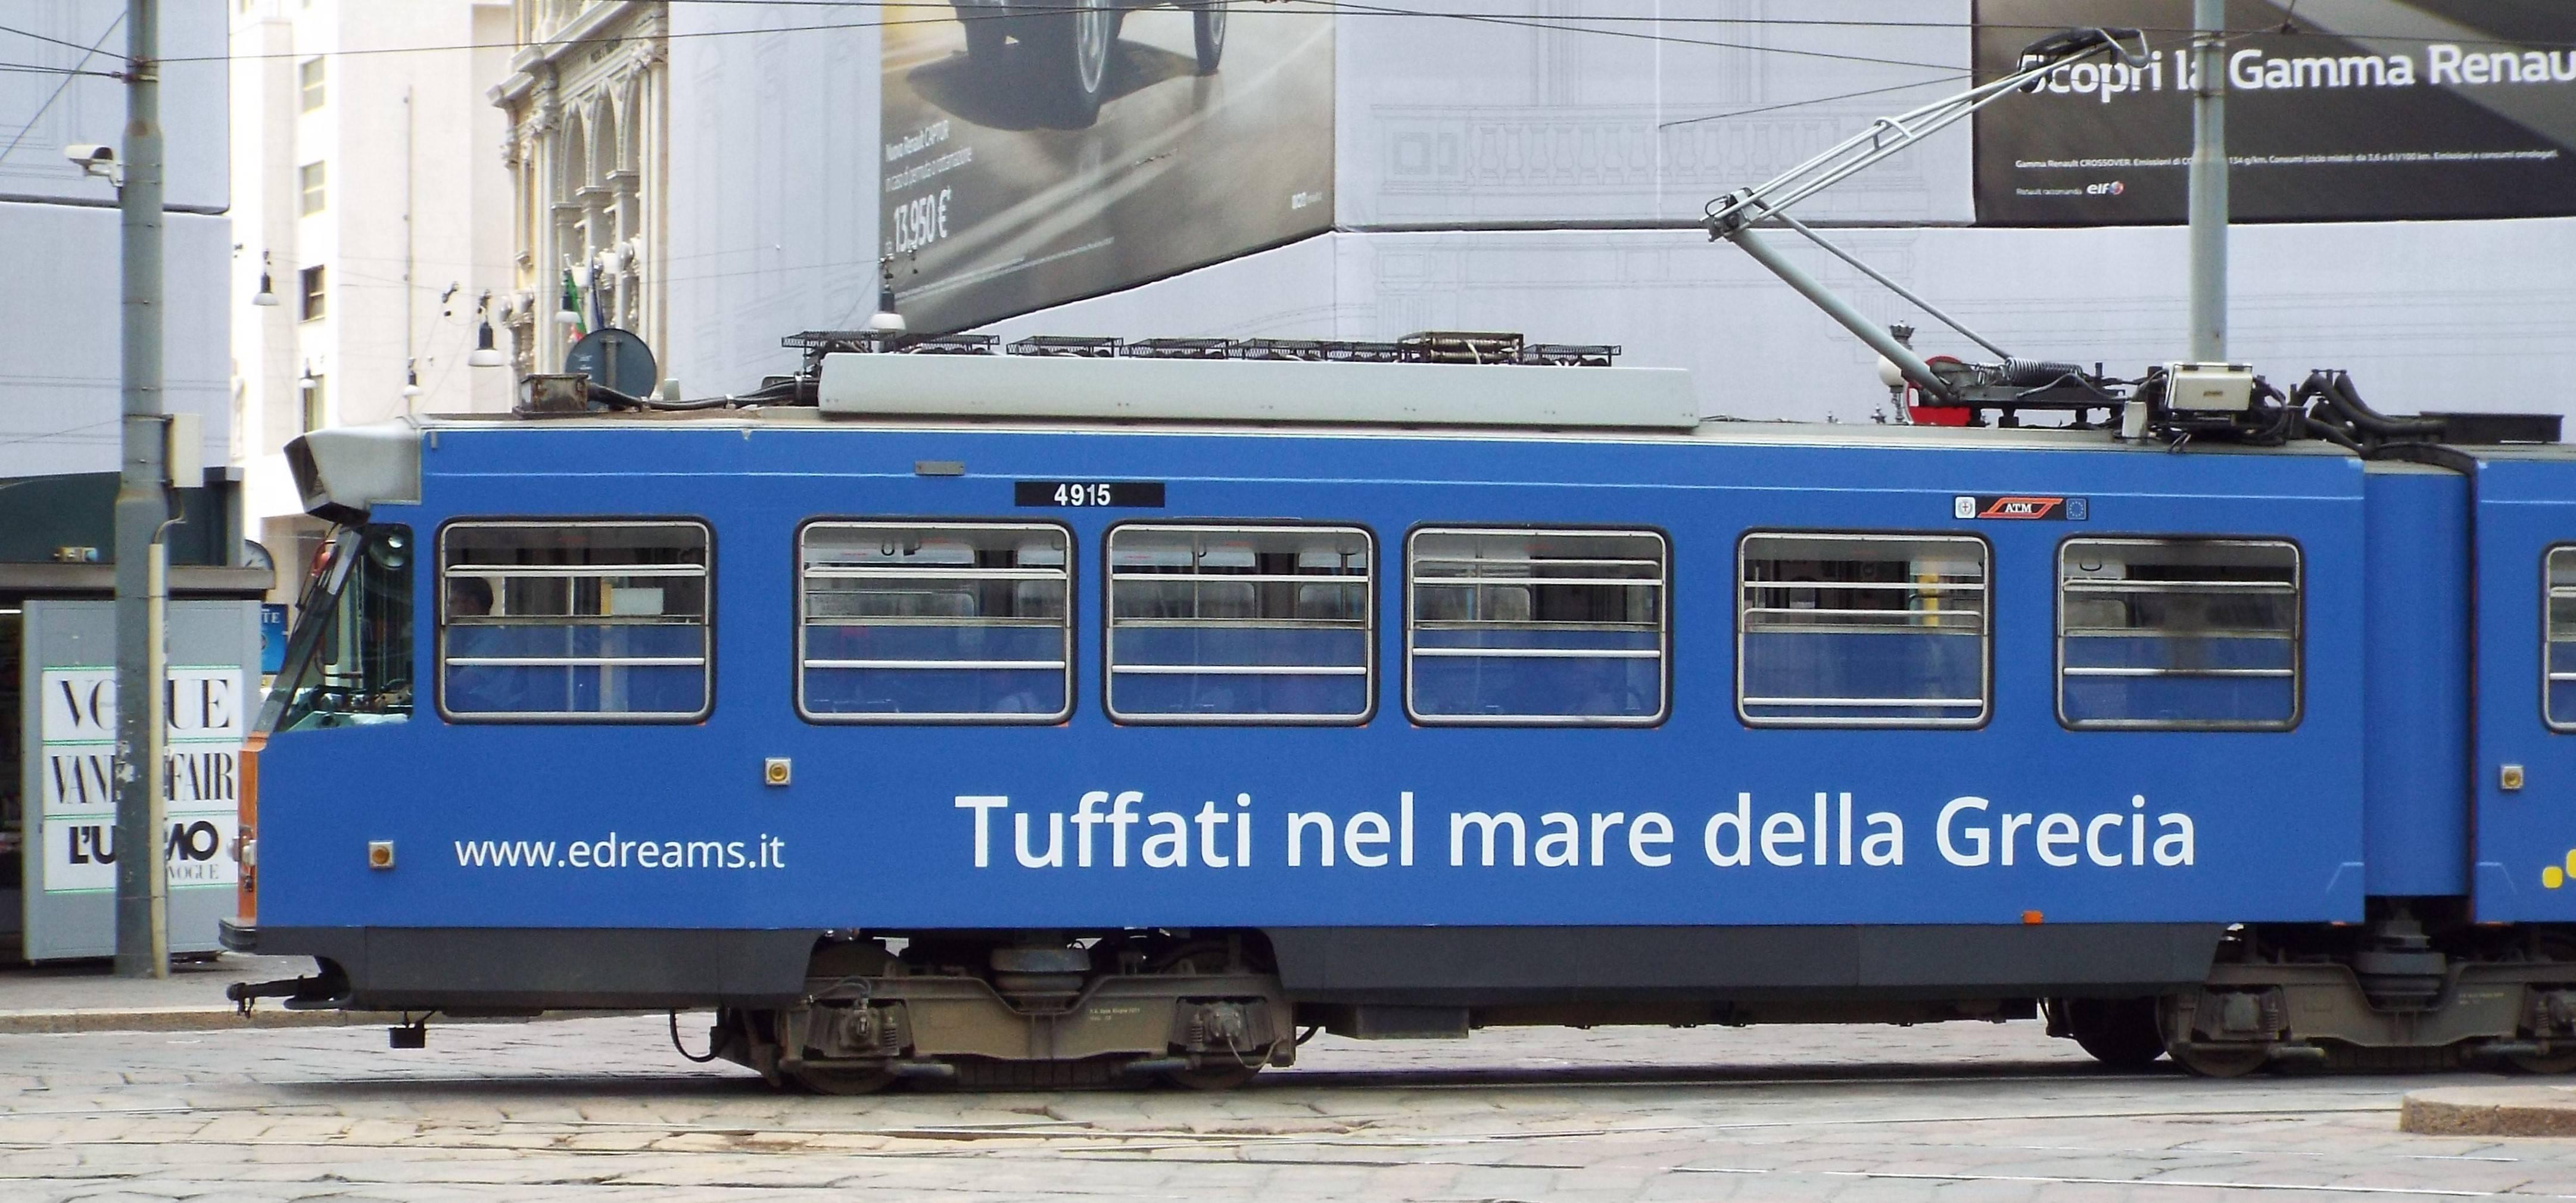 A Fiat Series 4900 Tram.